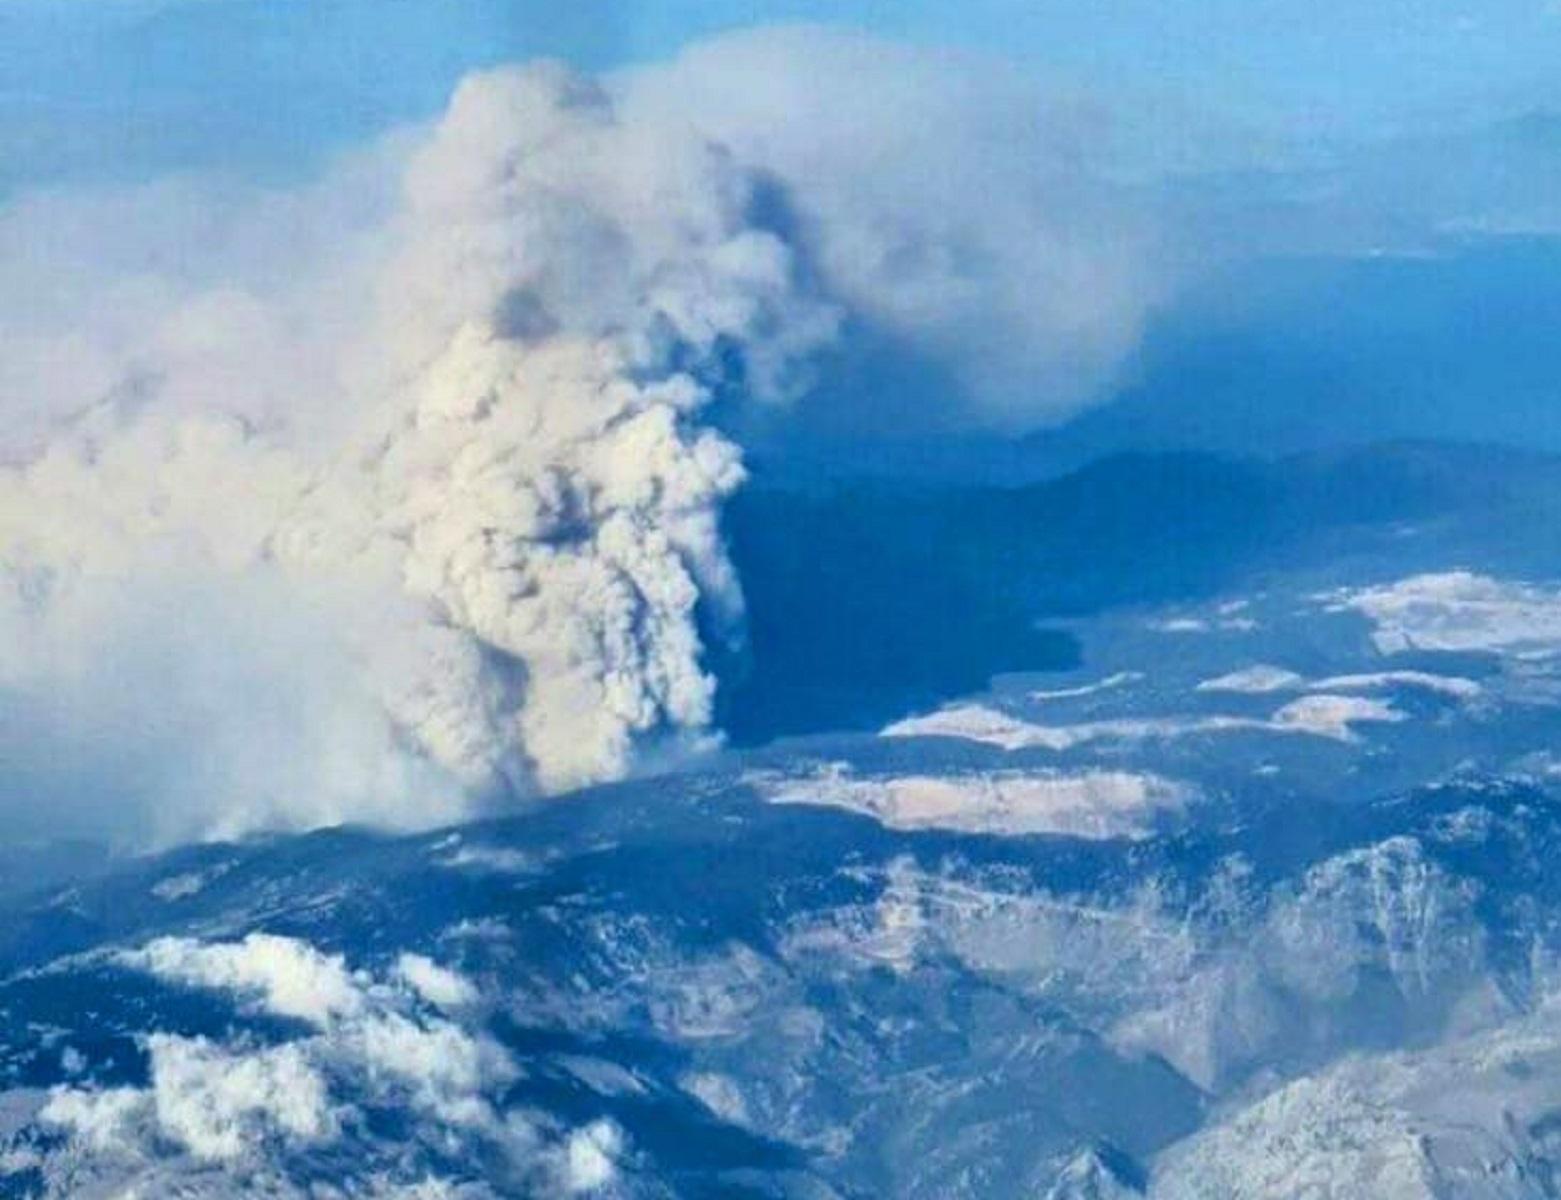 Φωτιά Εύβοια: Η συγκλονιστική φωτογραφία από τα 18.000 πόδια!